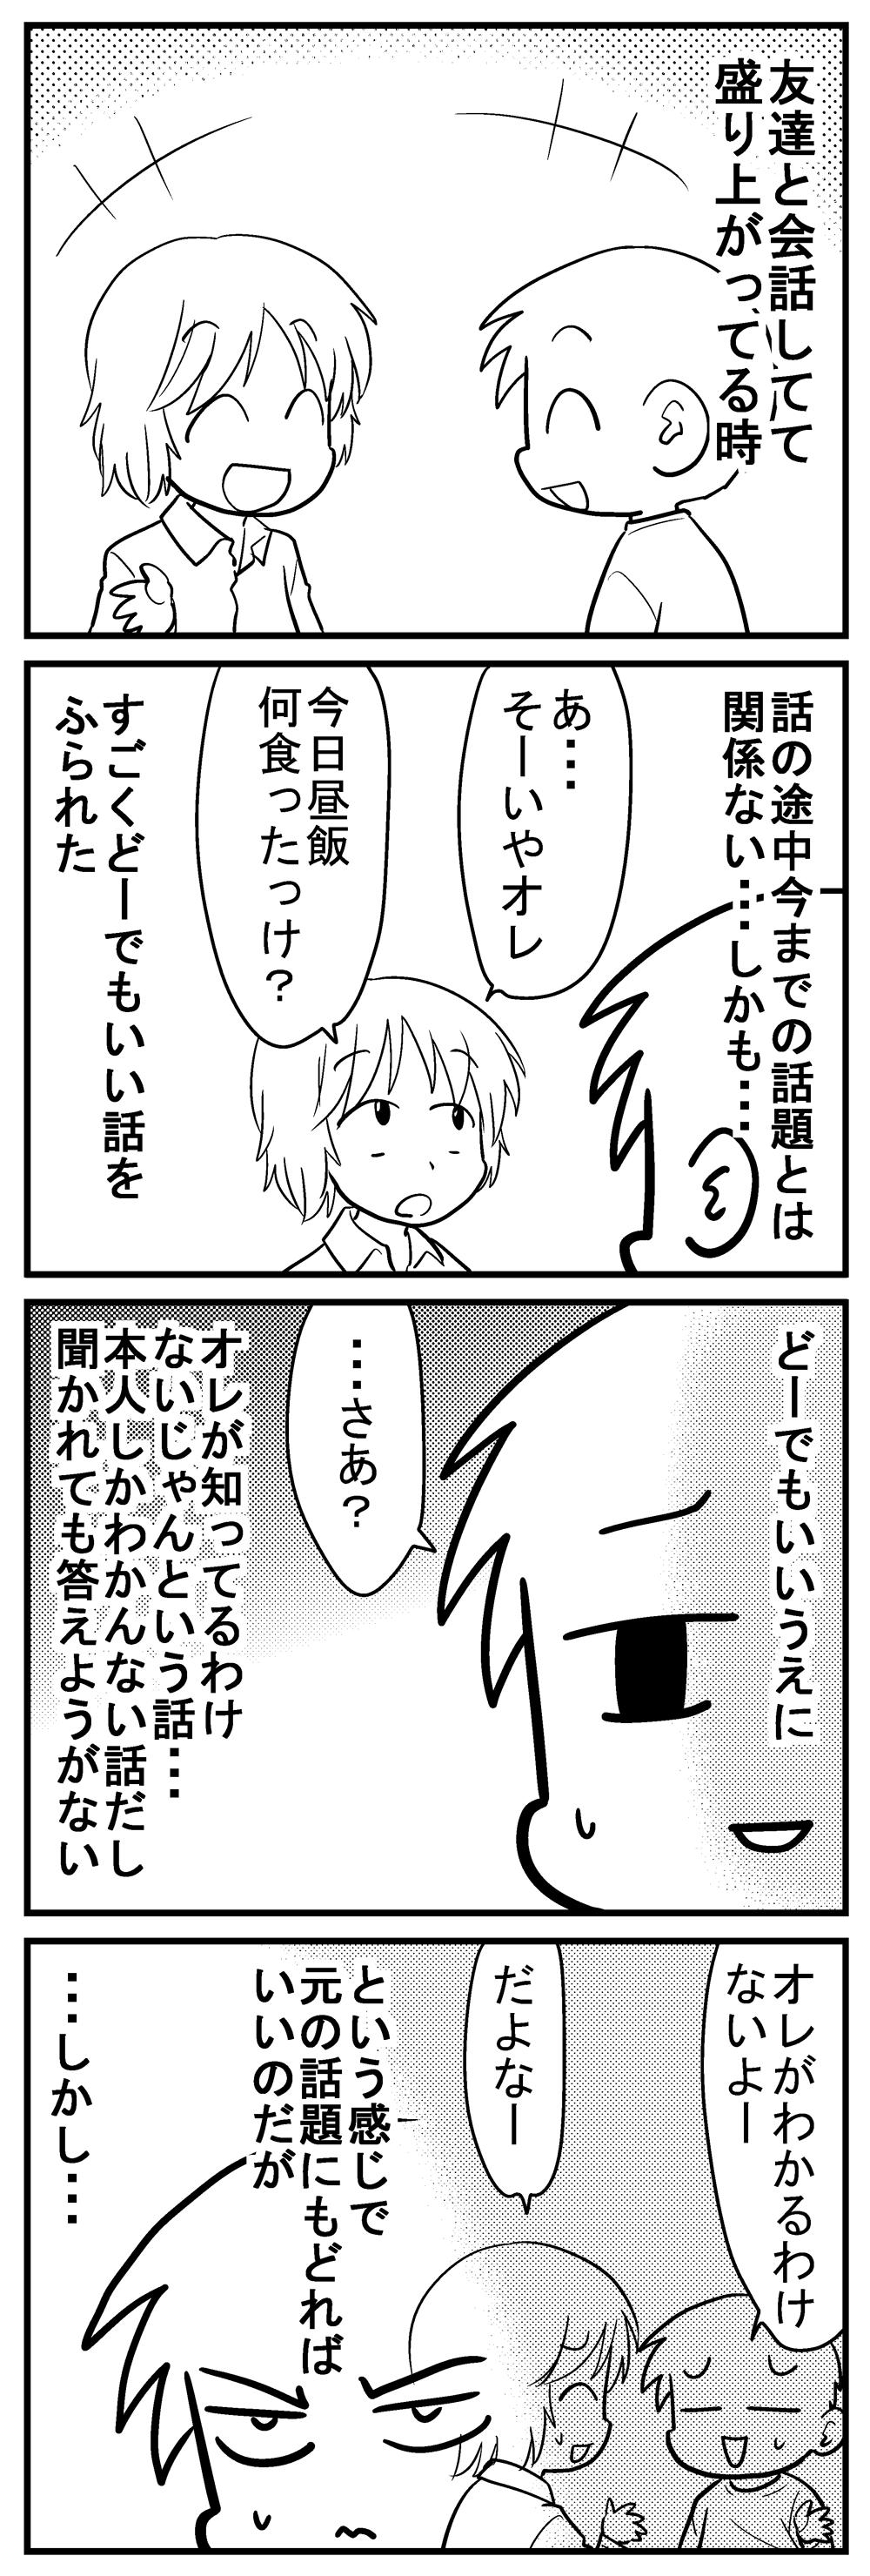 深読みくん132-1